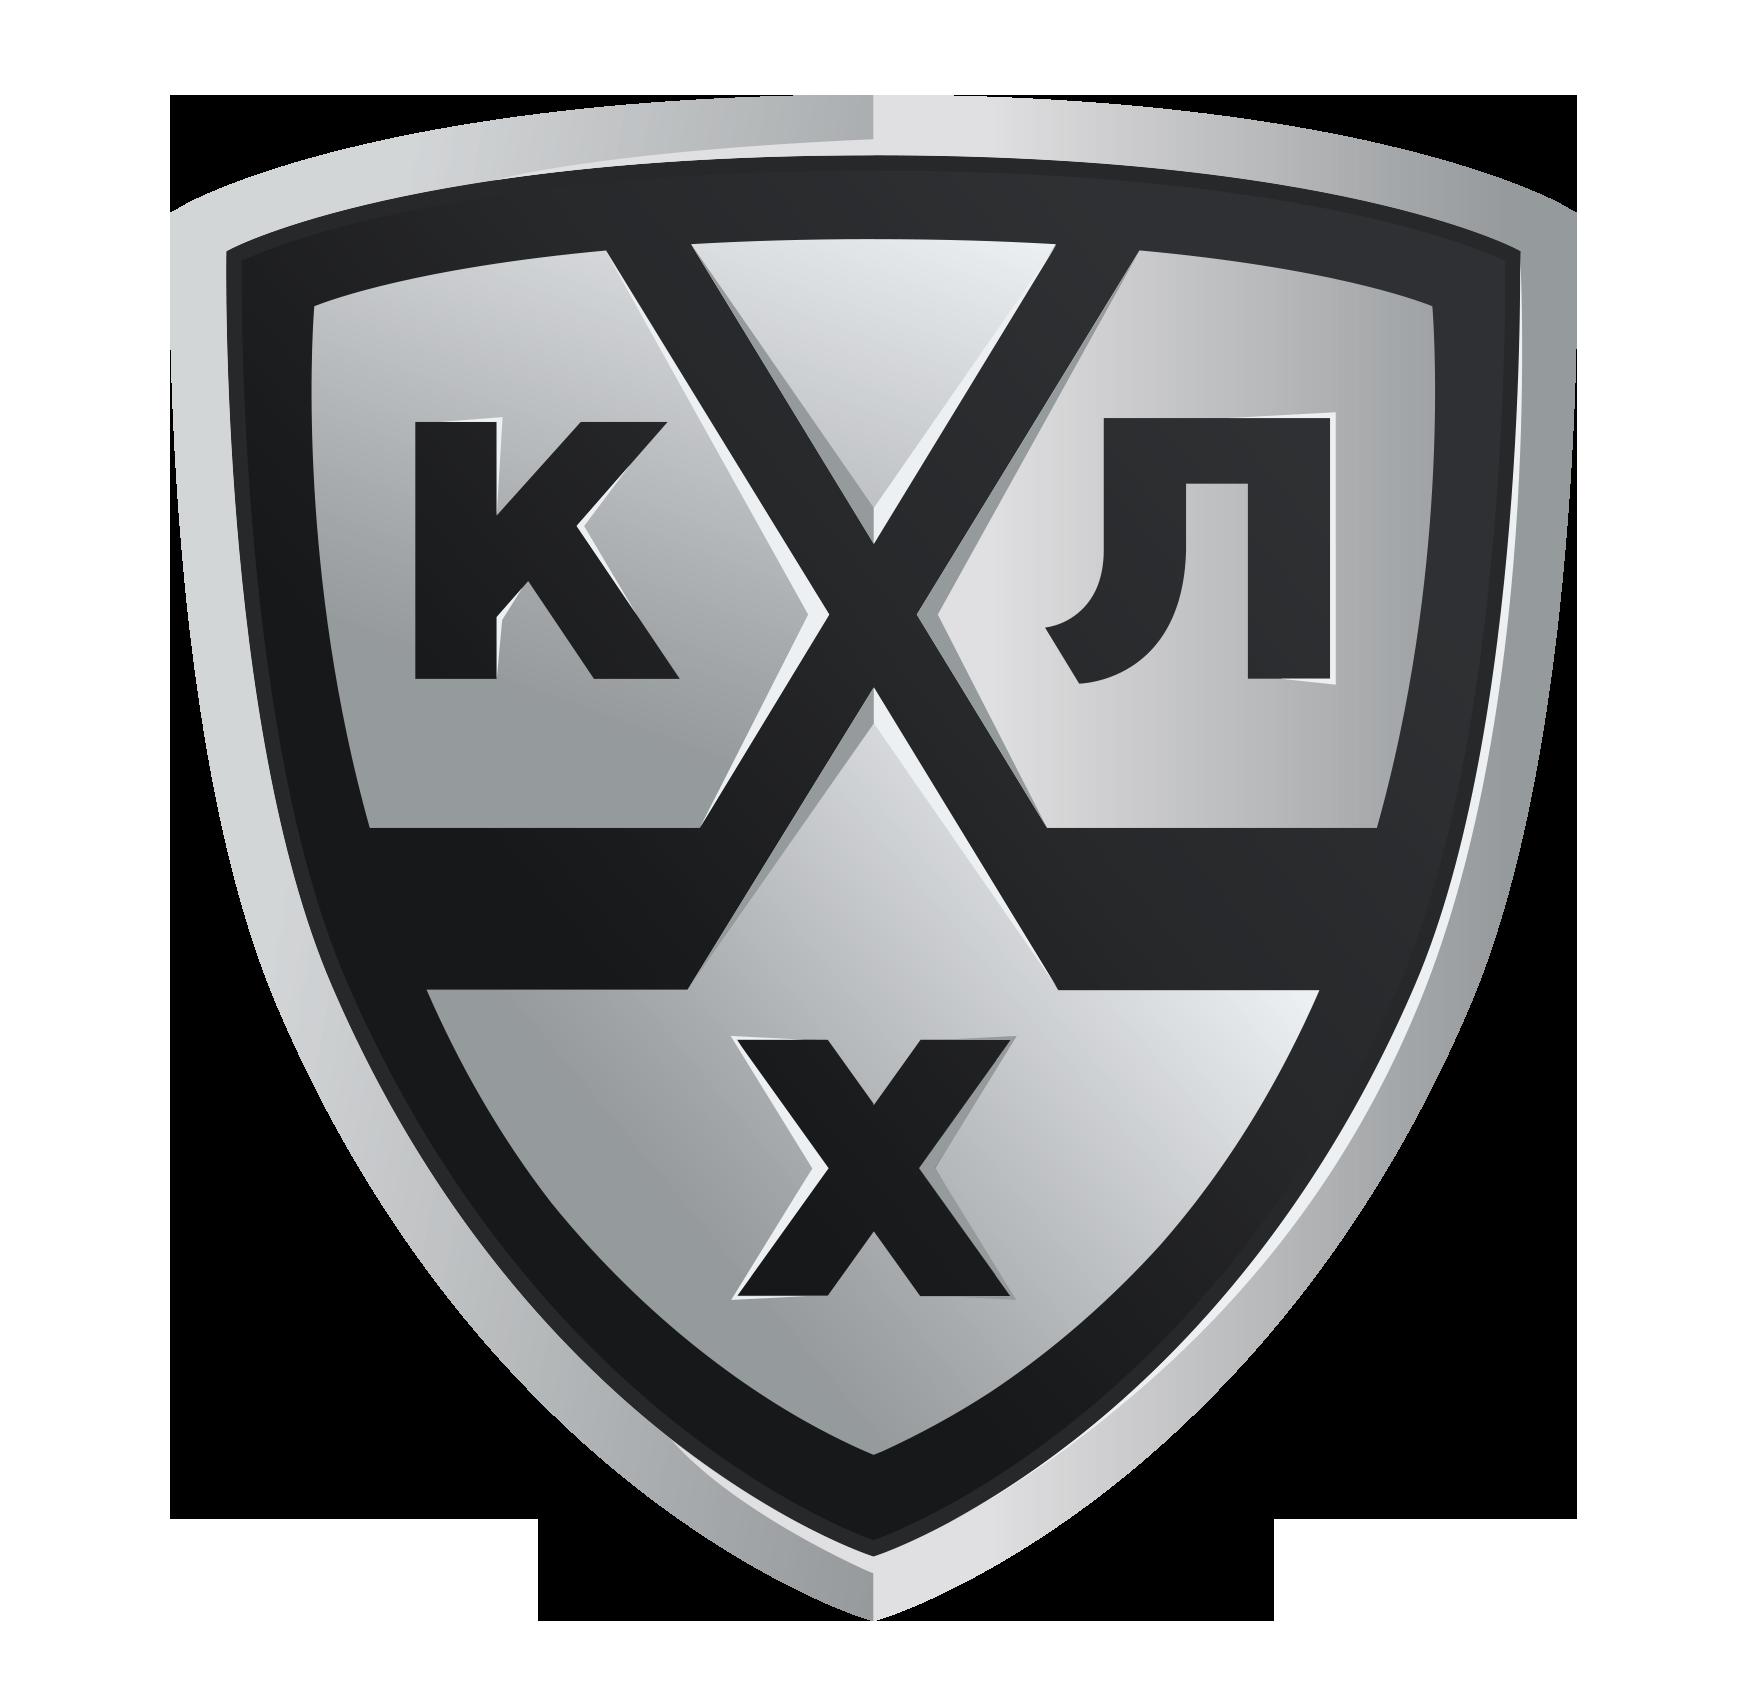 Команды КХЛ 2018 | список, какие новые команды будут играть